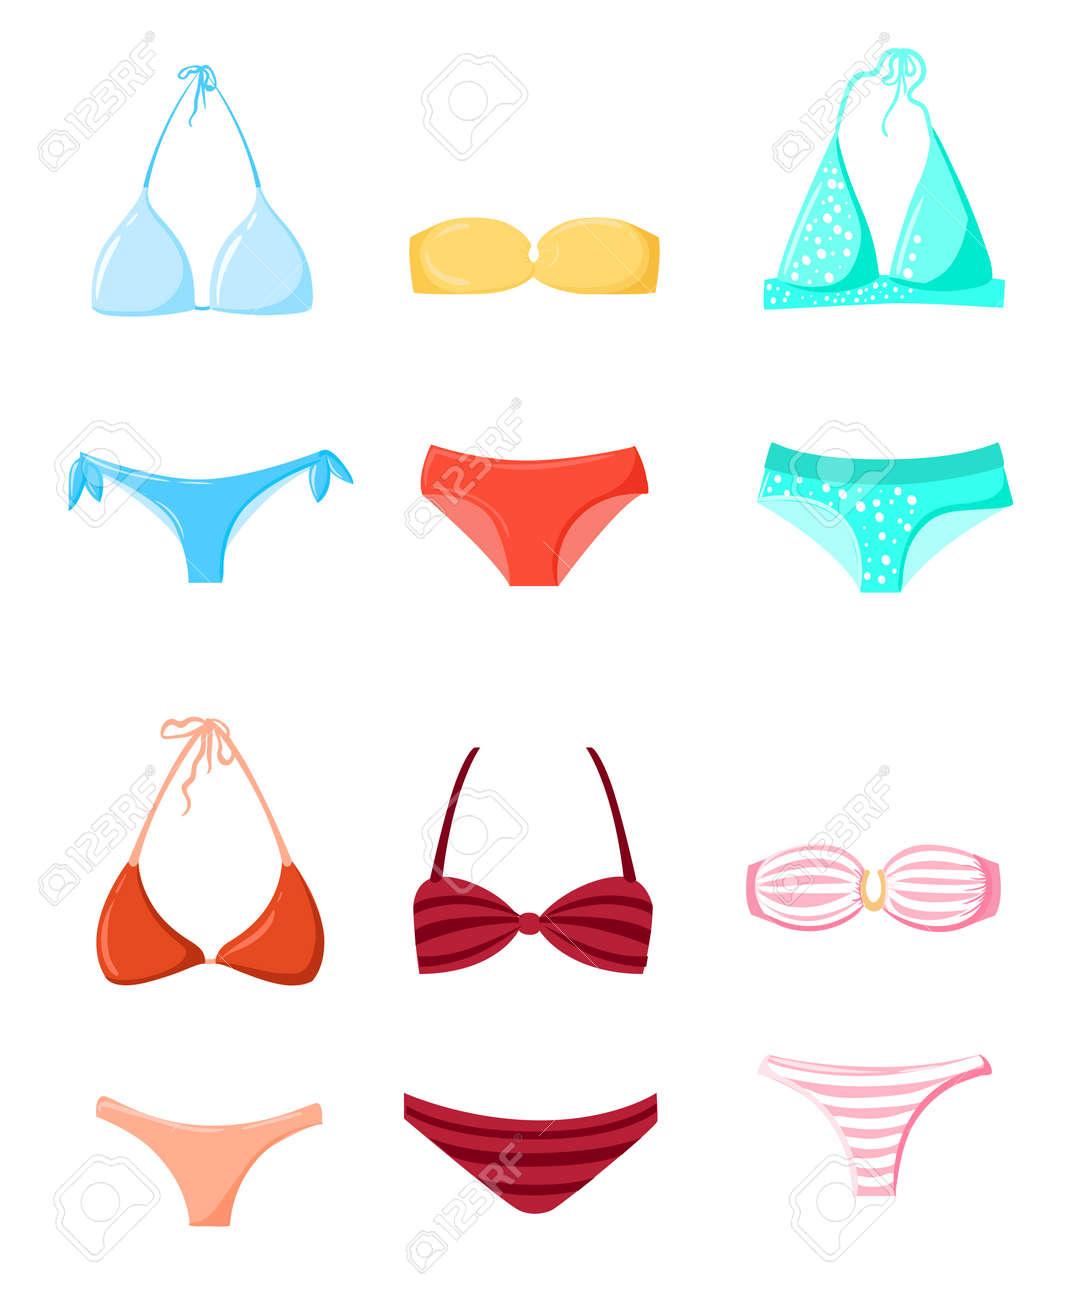 Bikini Diseño VeranoElementos La De El Baño Tiempo Del Playa Vacaciones Establecer Traje Trajes Silueta Vector 5L4ARj